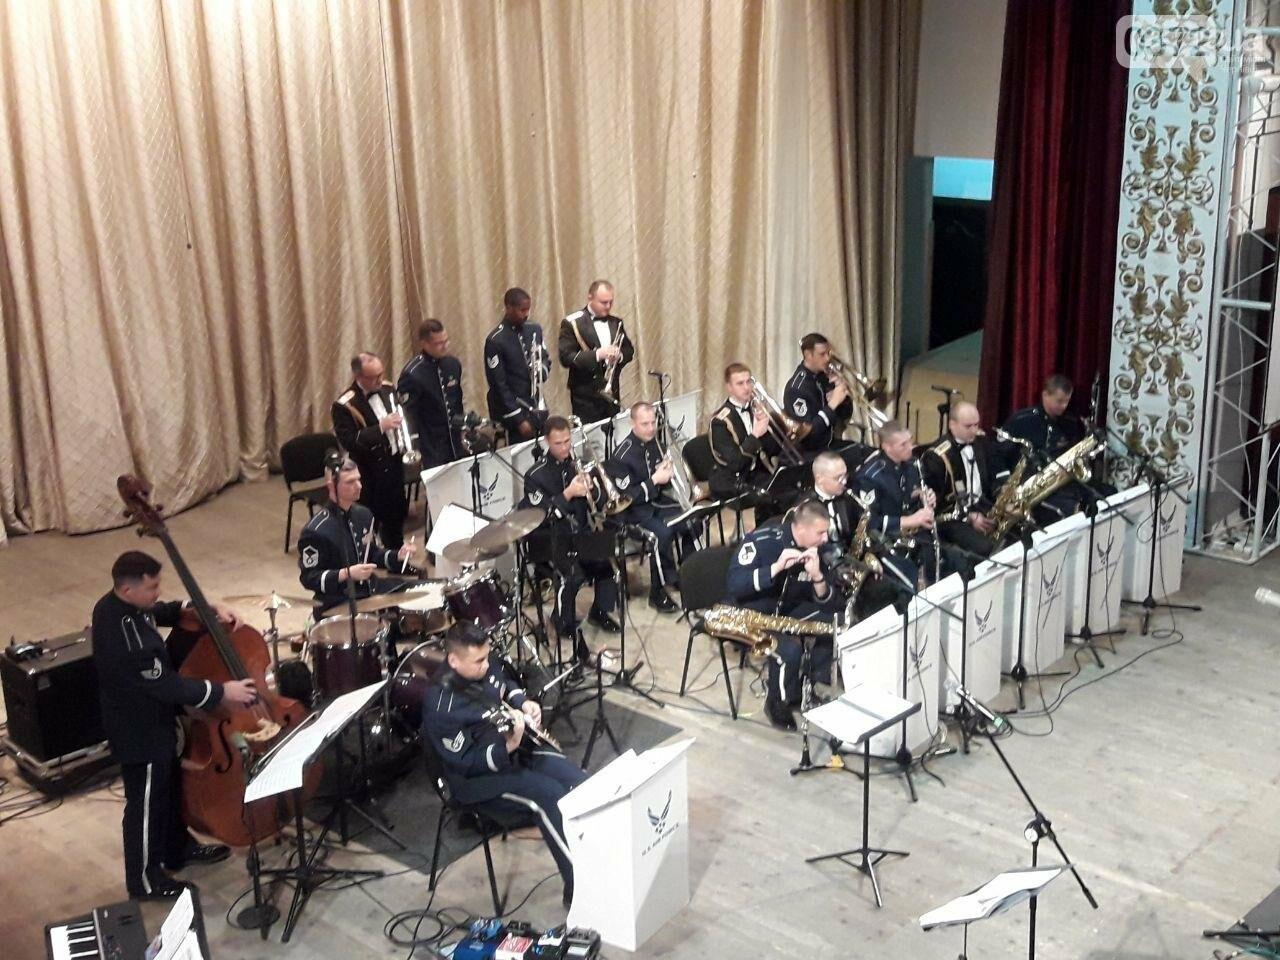 Американський оркестр виступив у філармонії в Чернівцях - ФОТО, фото-1